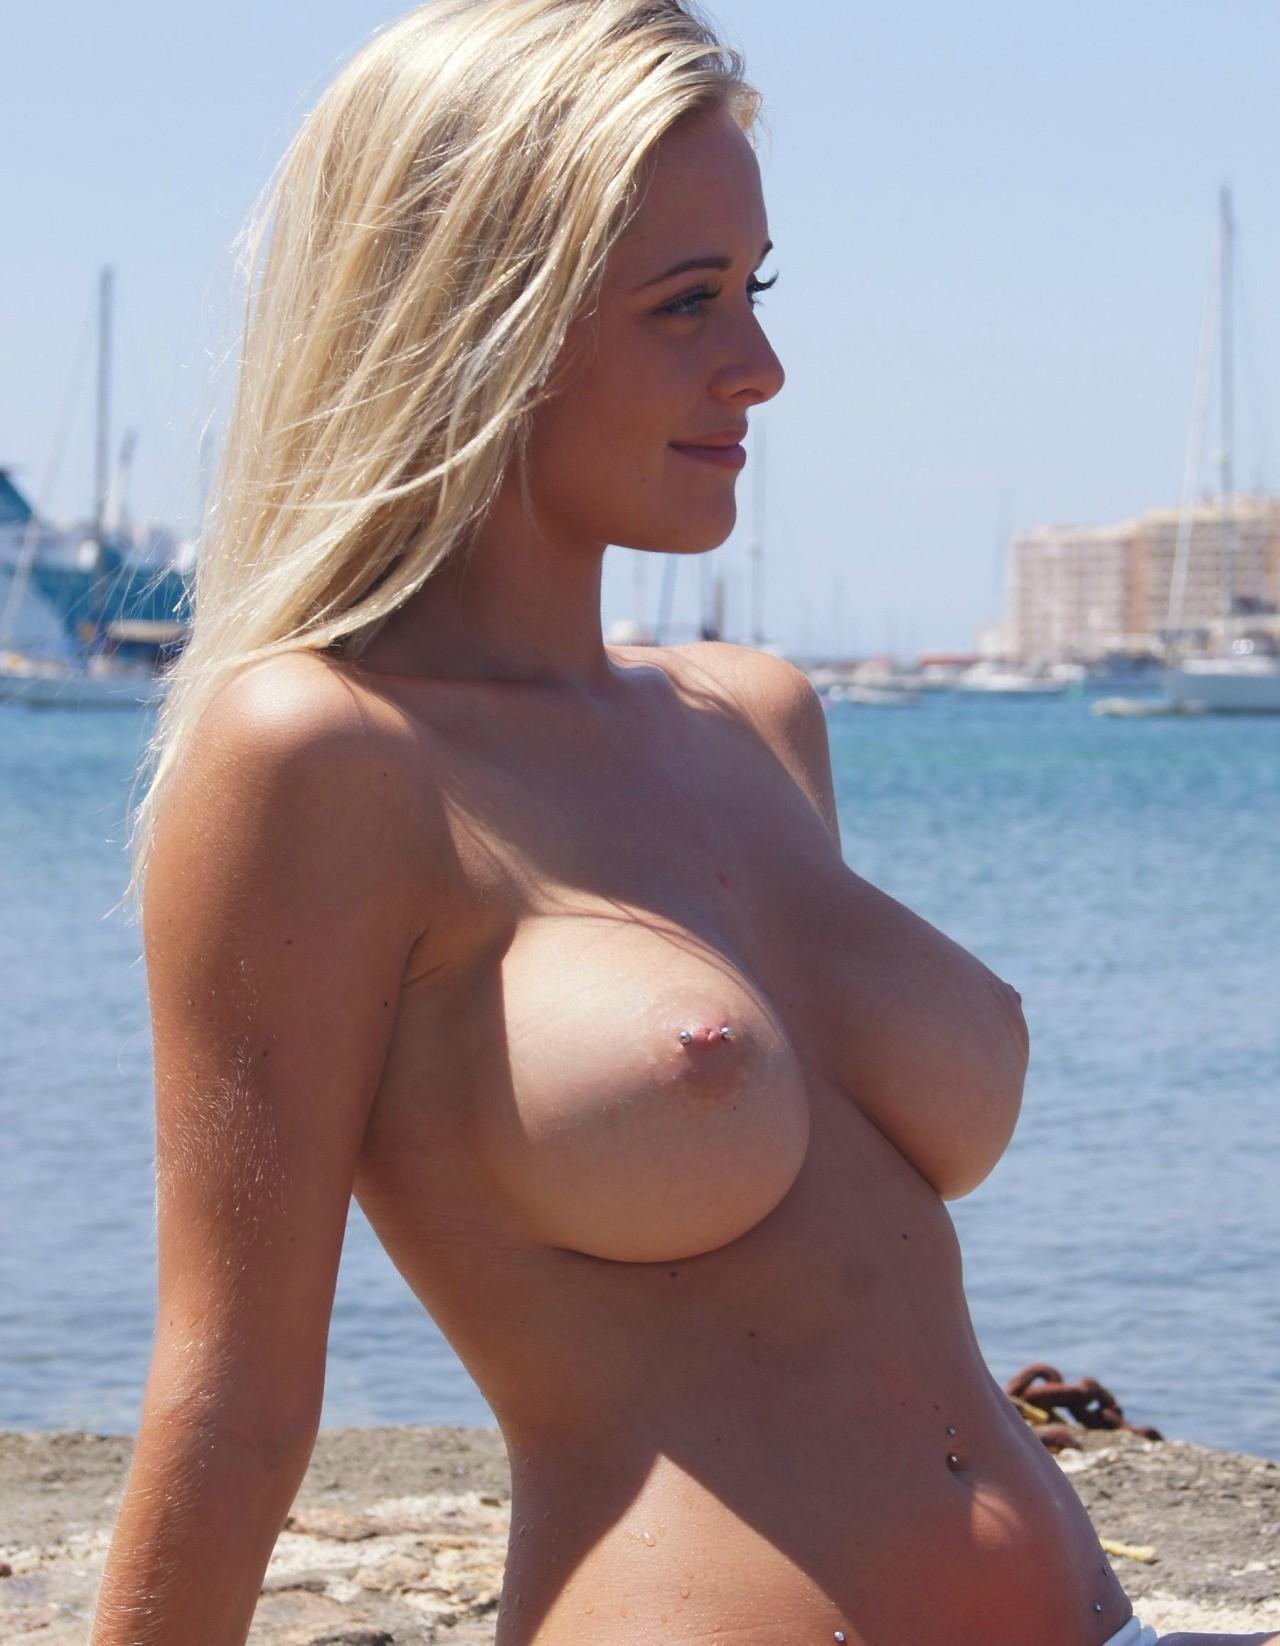 Подборка голых сисек молодых девиц с закрытого форума 5 фото